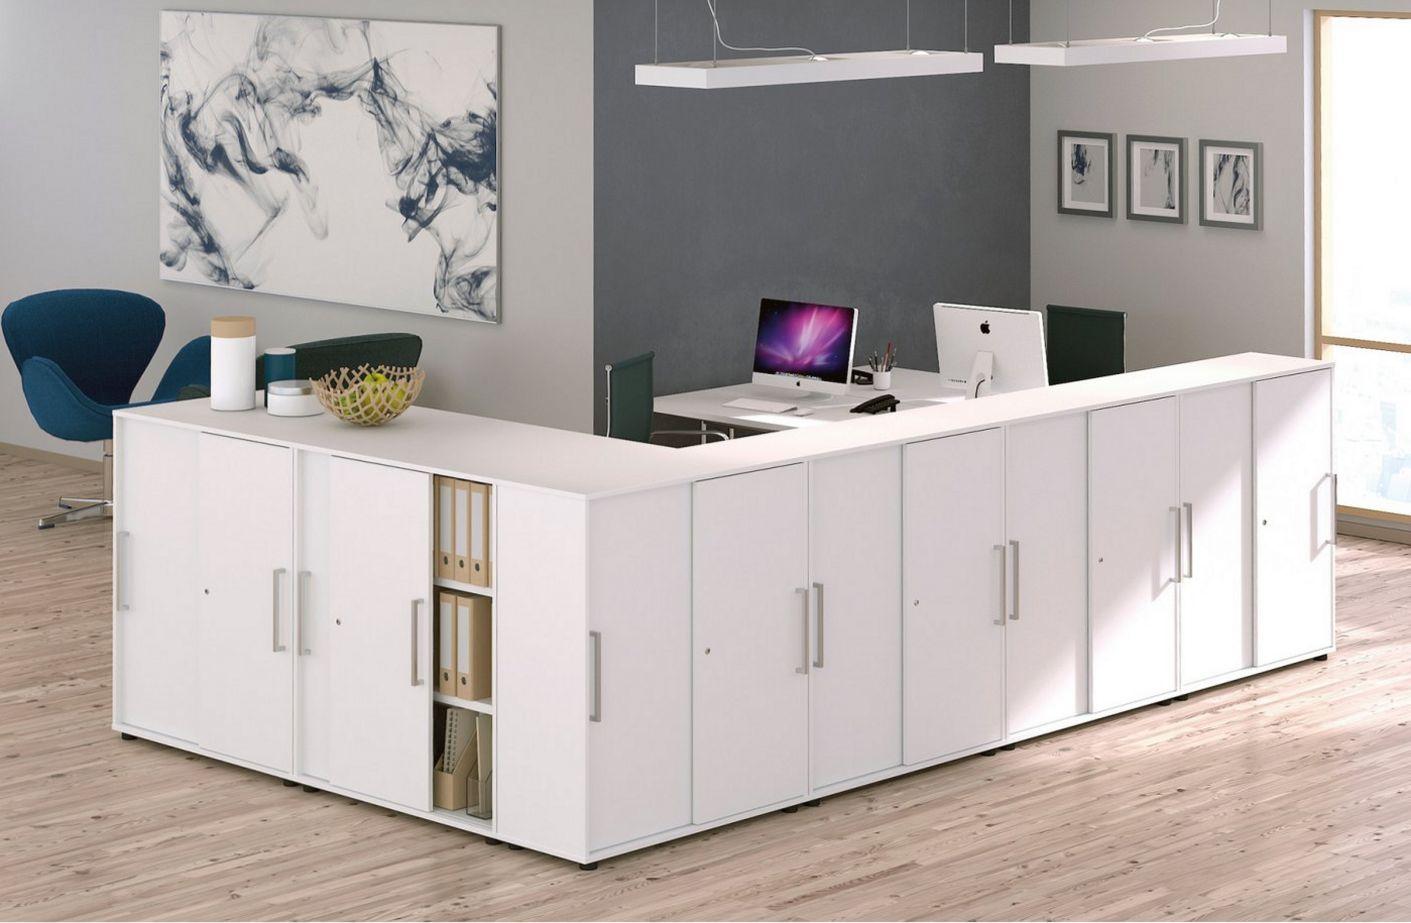 Büroschränke mit Schiebetüren als Büroraumteiler